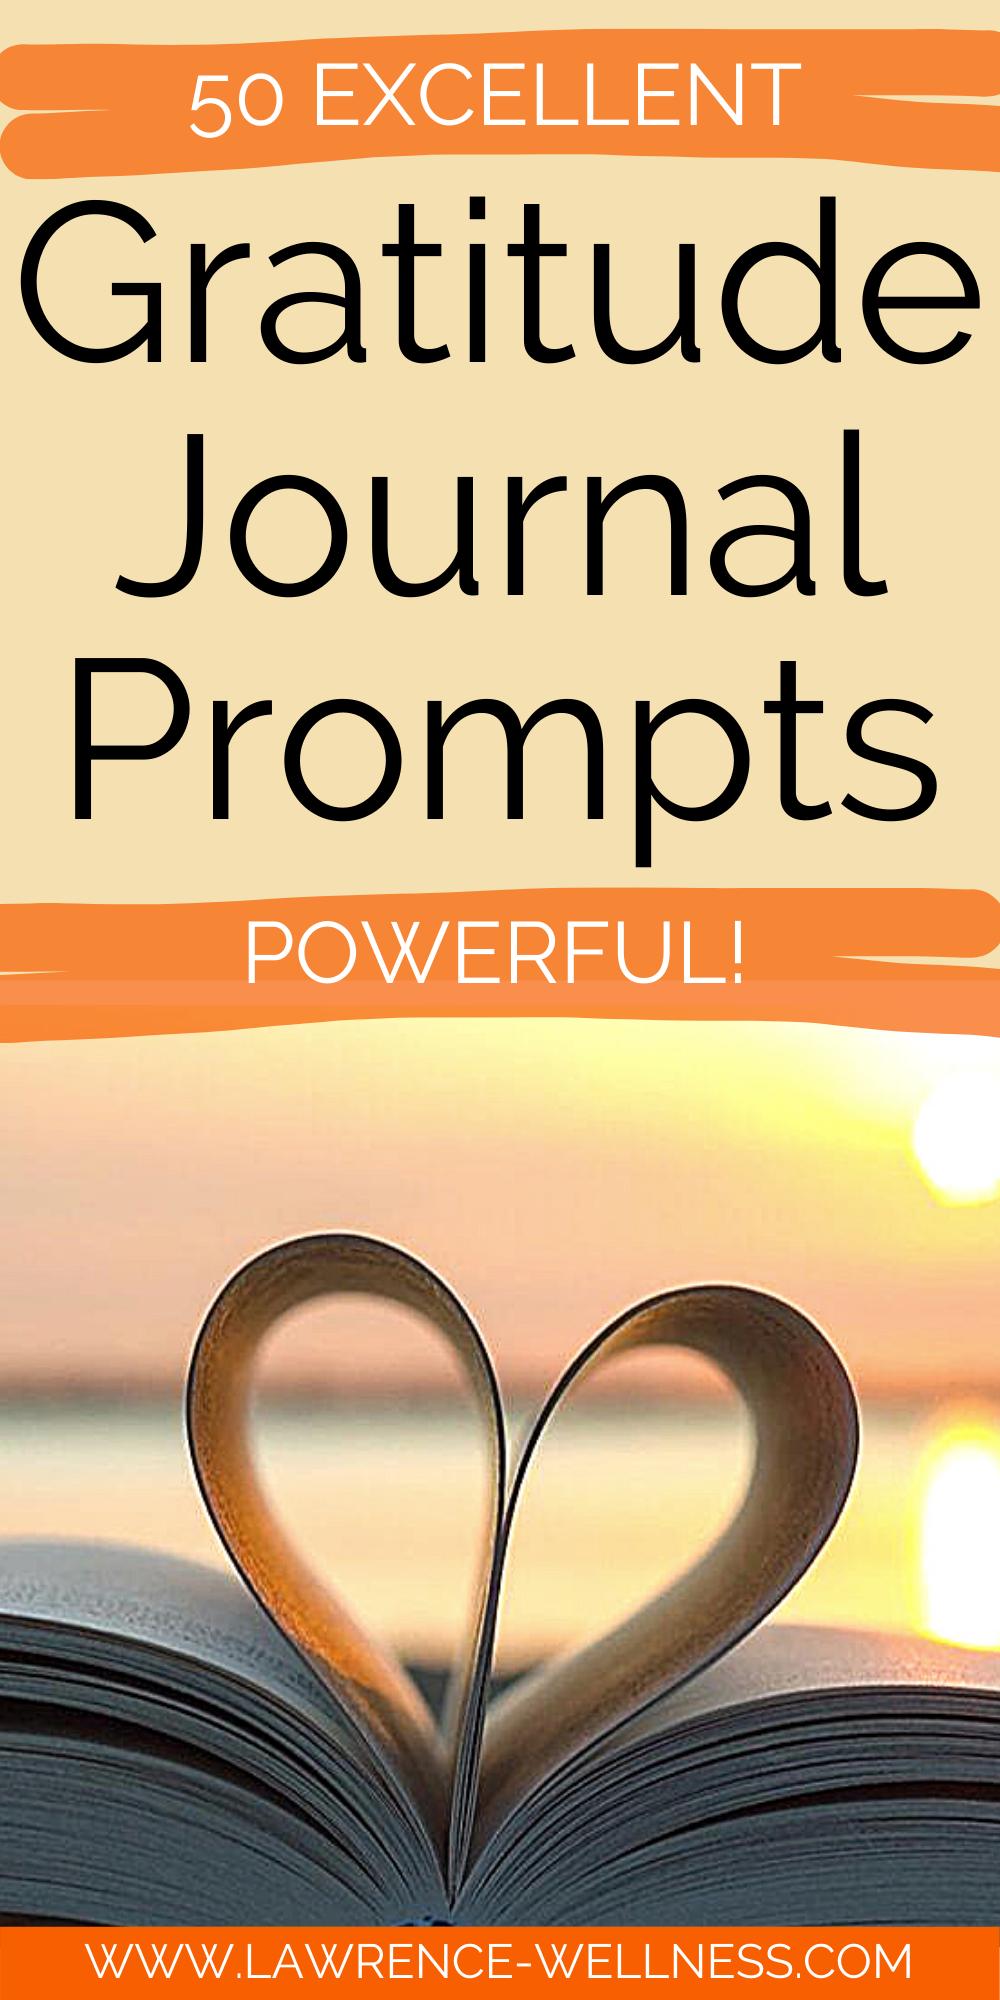 50-Gratitude-Journaling-Prompts